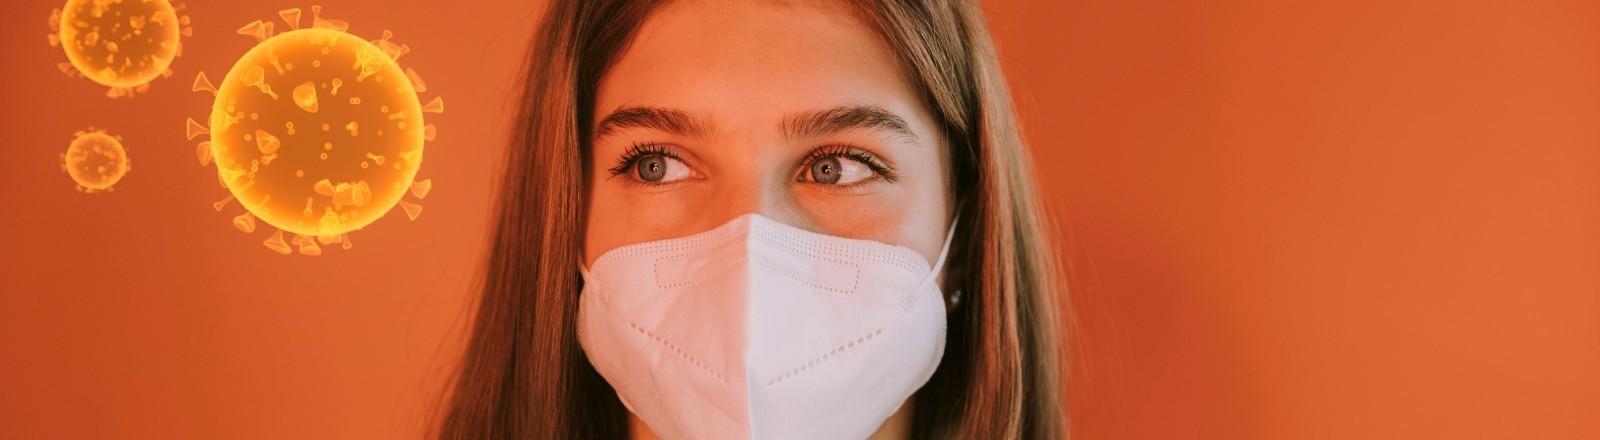 Eine Jugendliche trägt eine FFP2-Maske und schaut auf eine Grafik des Coronavirus.